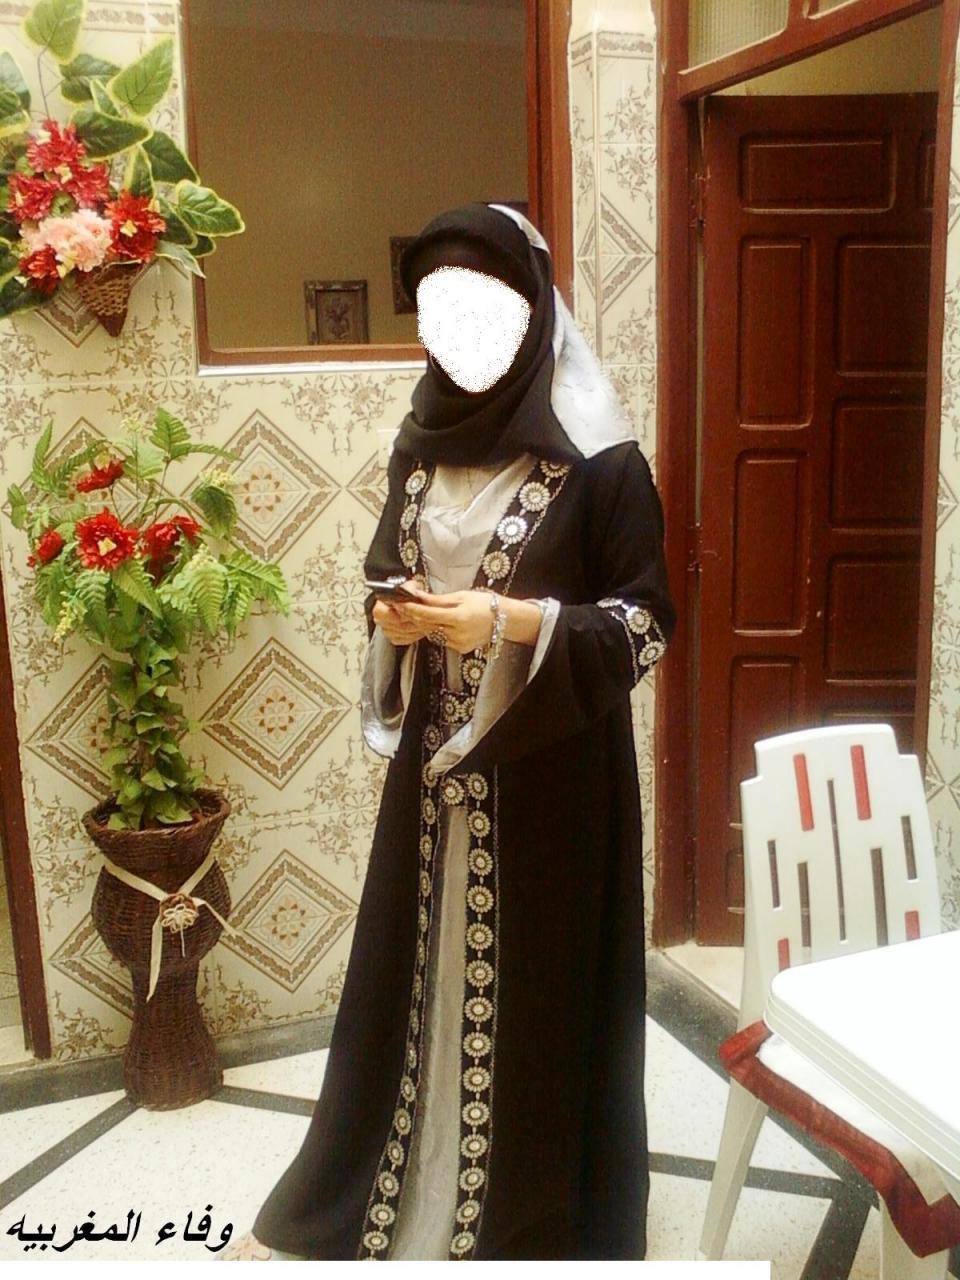 كيفية خياطة عباية شيك  طريقة خياطة عباية شيك  لخياطة عباية شيك 67693hayah.jpg